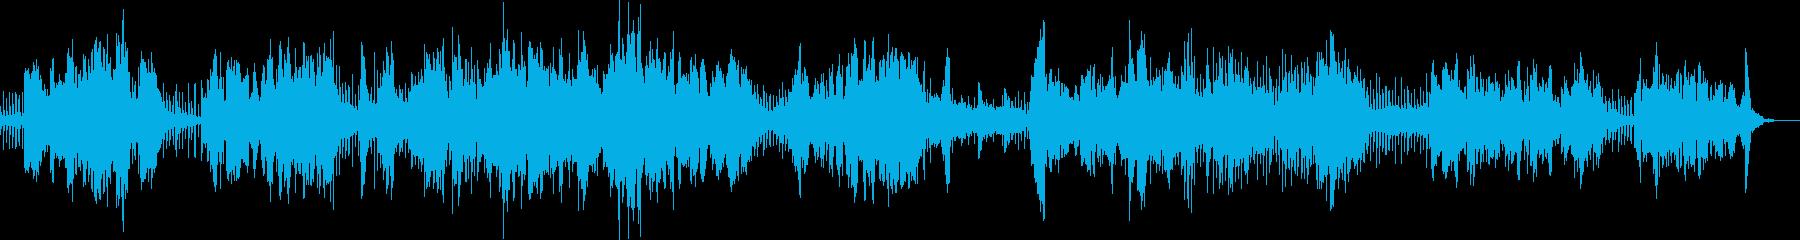 二胡とシンセ・ピアノとおっさんの民族調の再生済みの波形